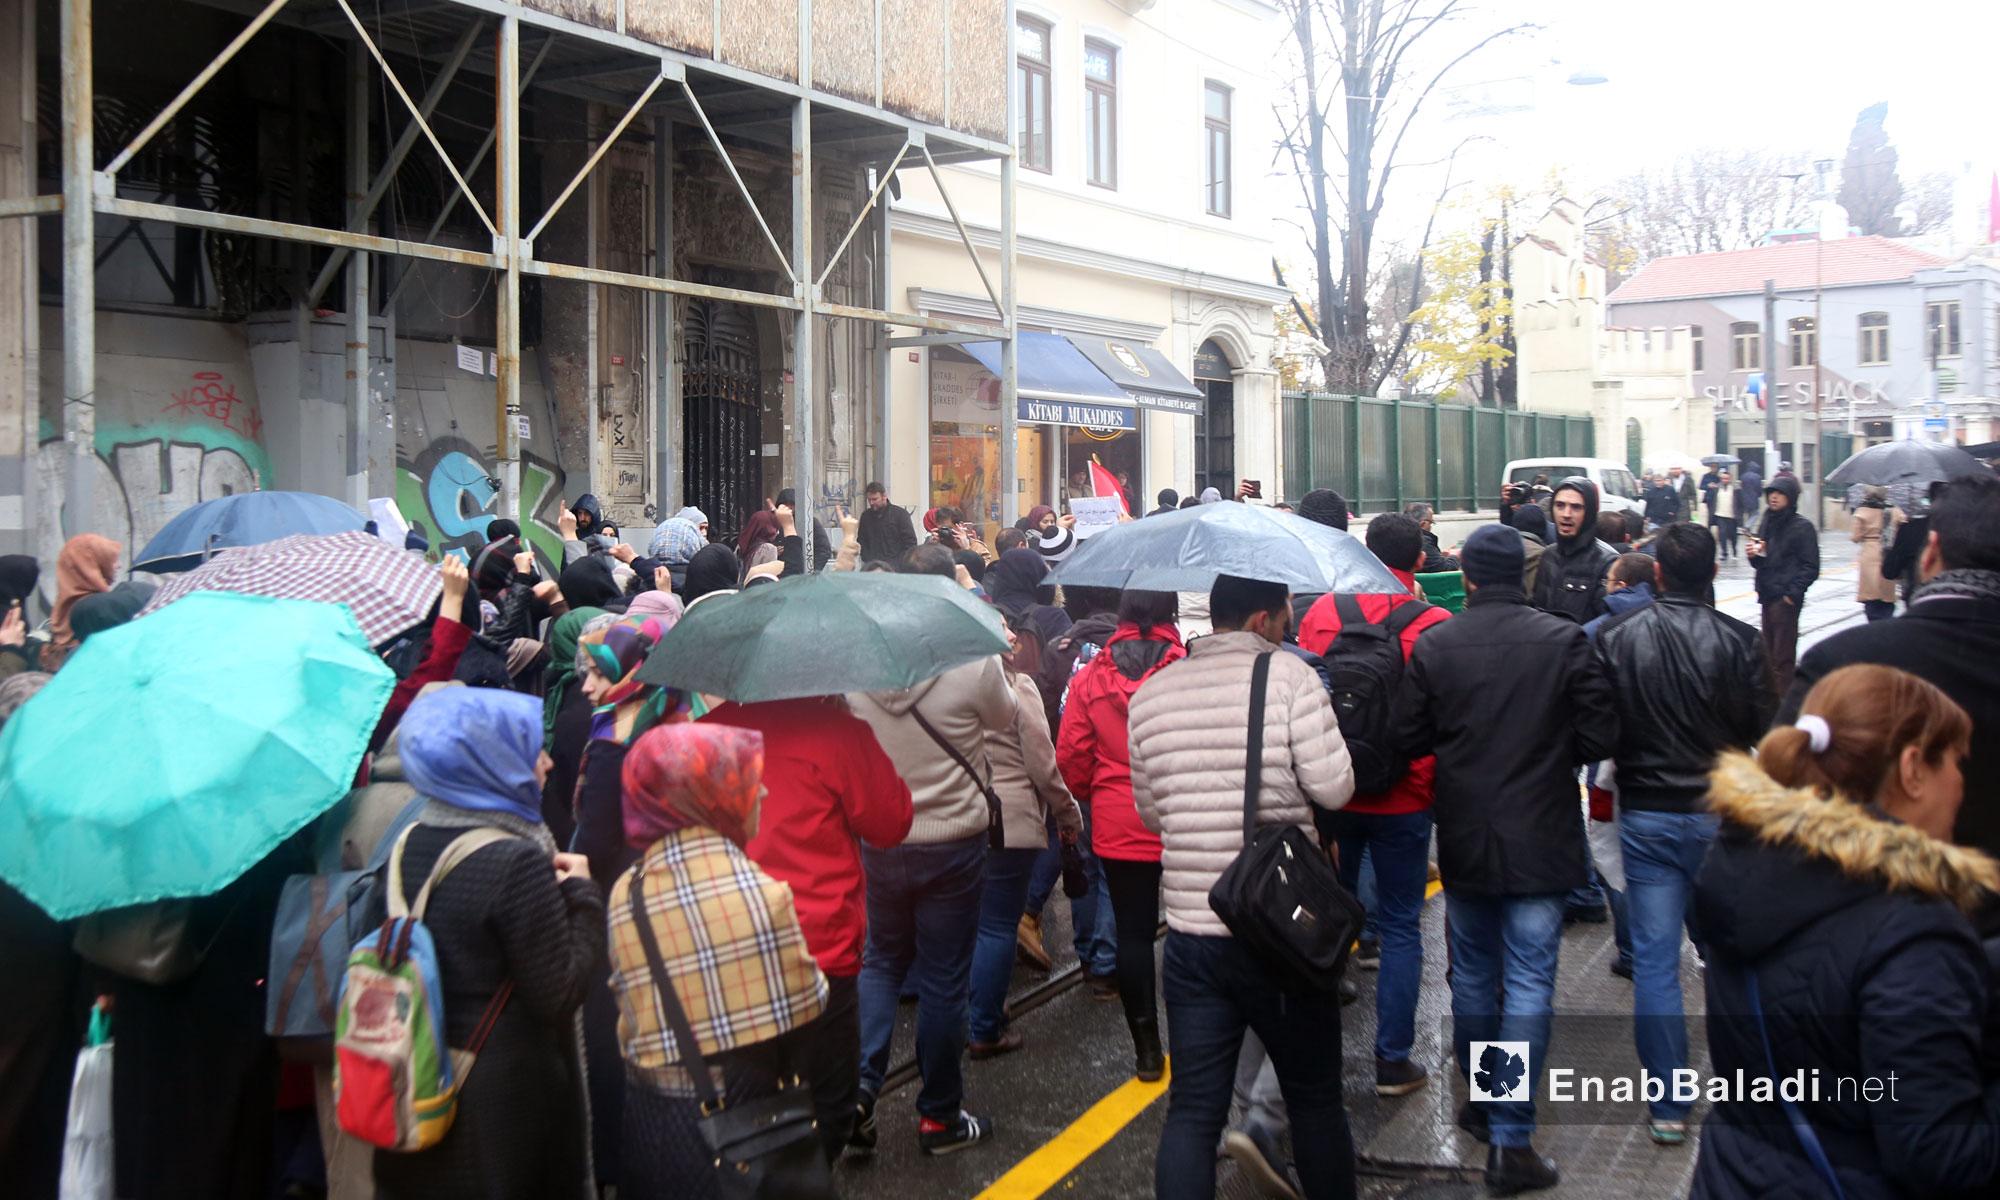 سوريون يتظاهرون أمام القنصلية الروسية في اسطنبول لنجدة حلب - 13 كانون الأول 2016 (عنب بلدي)